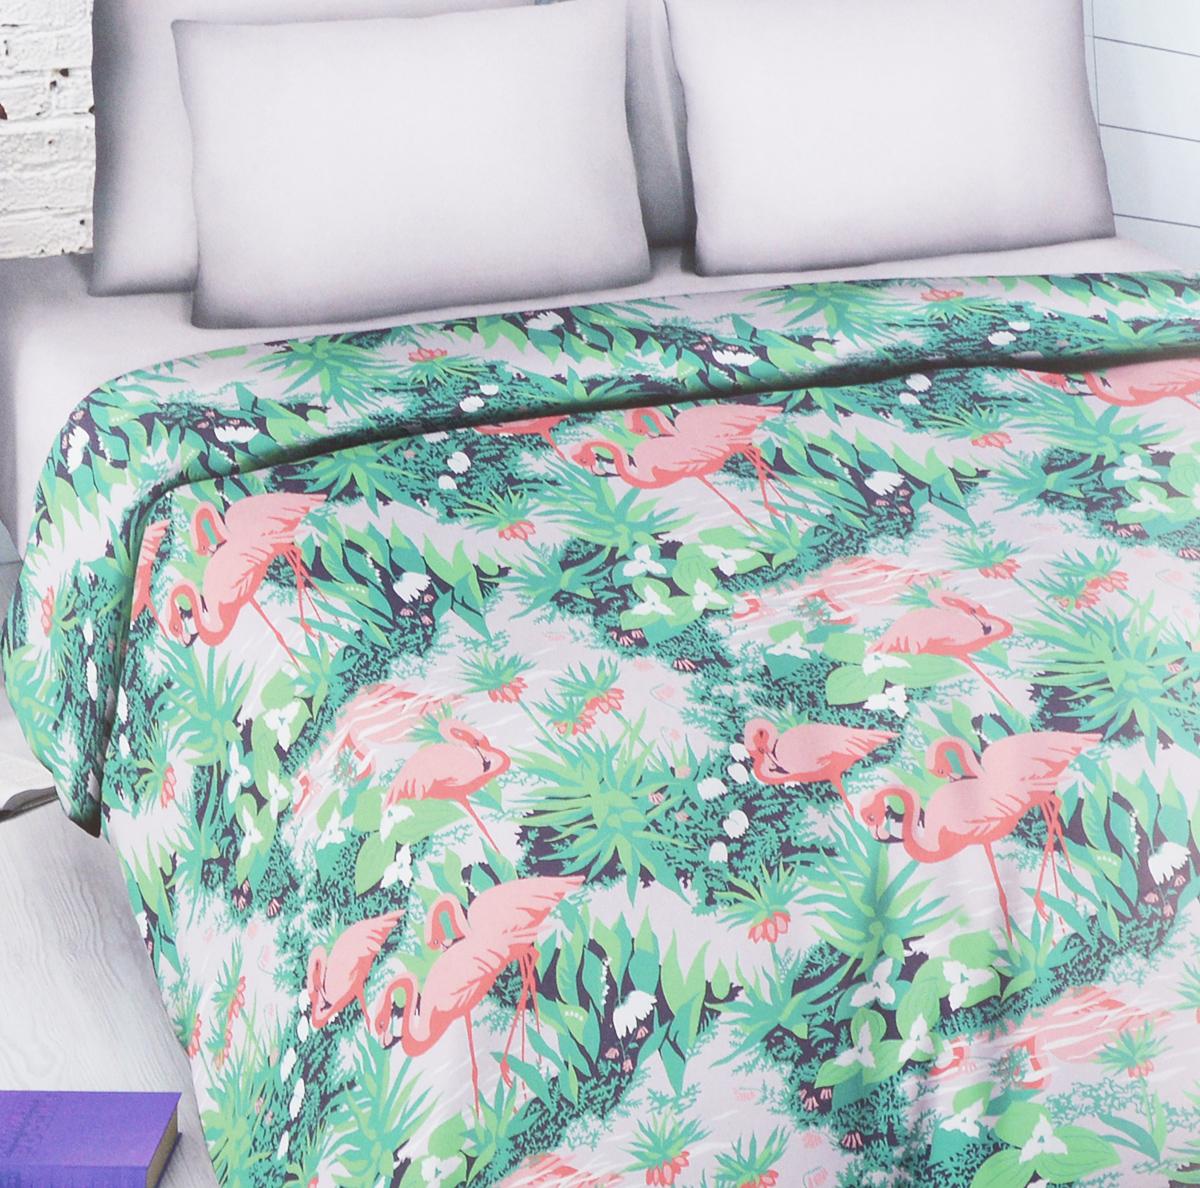 Комплект белья Василиса Фламинго, семейный, наволочки 70х70Э-2028-03Комплект белья Василиса Фламинго, выполненный из набивной бязи (100% хлопок), состоит из двух пододеяльников, простыни и двух наволочек.Бязь - хлопчатобумажная ткань полотняного переплетения без искусственных добавок. Большое количество нитей делает эту ткань более плотной, более долговечной. Высокая плотность ткани позволяет сохранить форму изделия, его первоначальные размеры и первозданный рисунок.Приобретая комплект постельного белья Василиса, вы можете быть уверенны в том, что покупка доставит вам и вашим близким удовольствие и подарит максимальный комфорт.